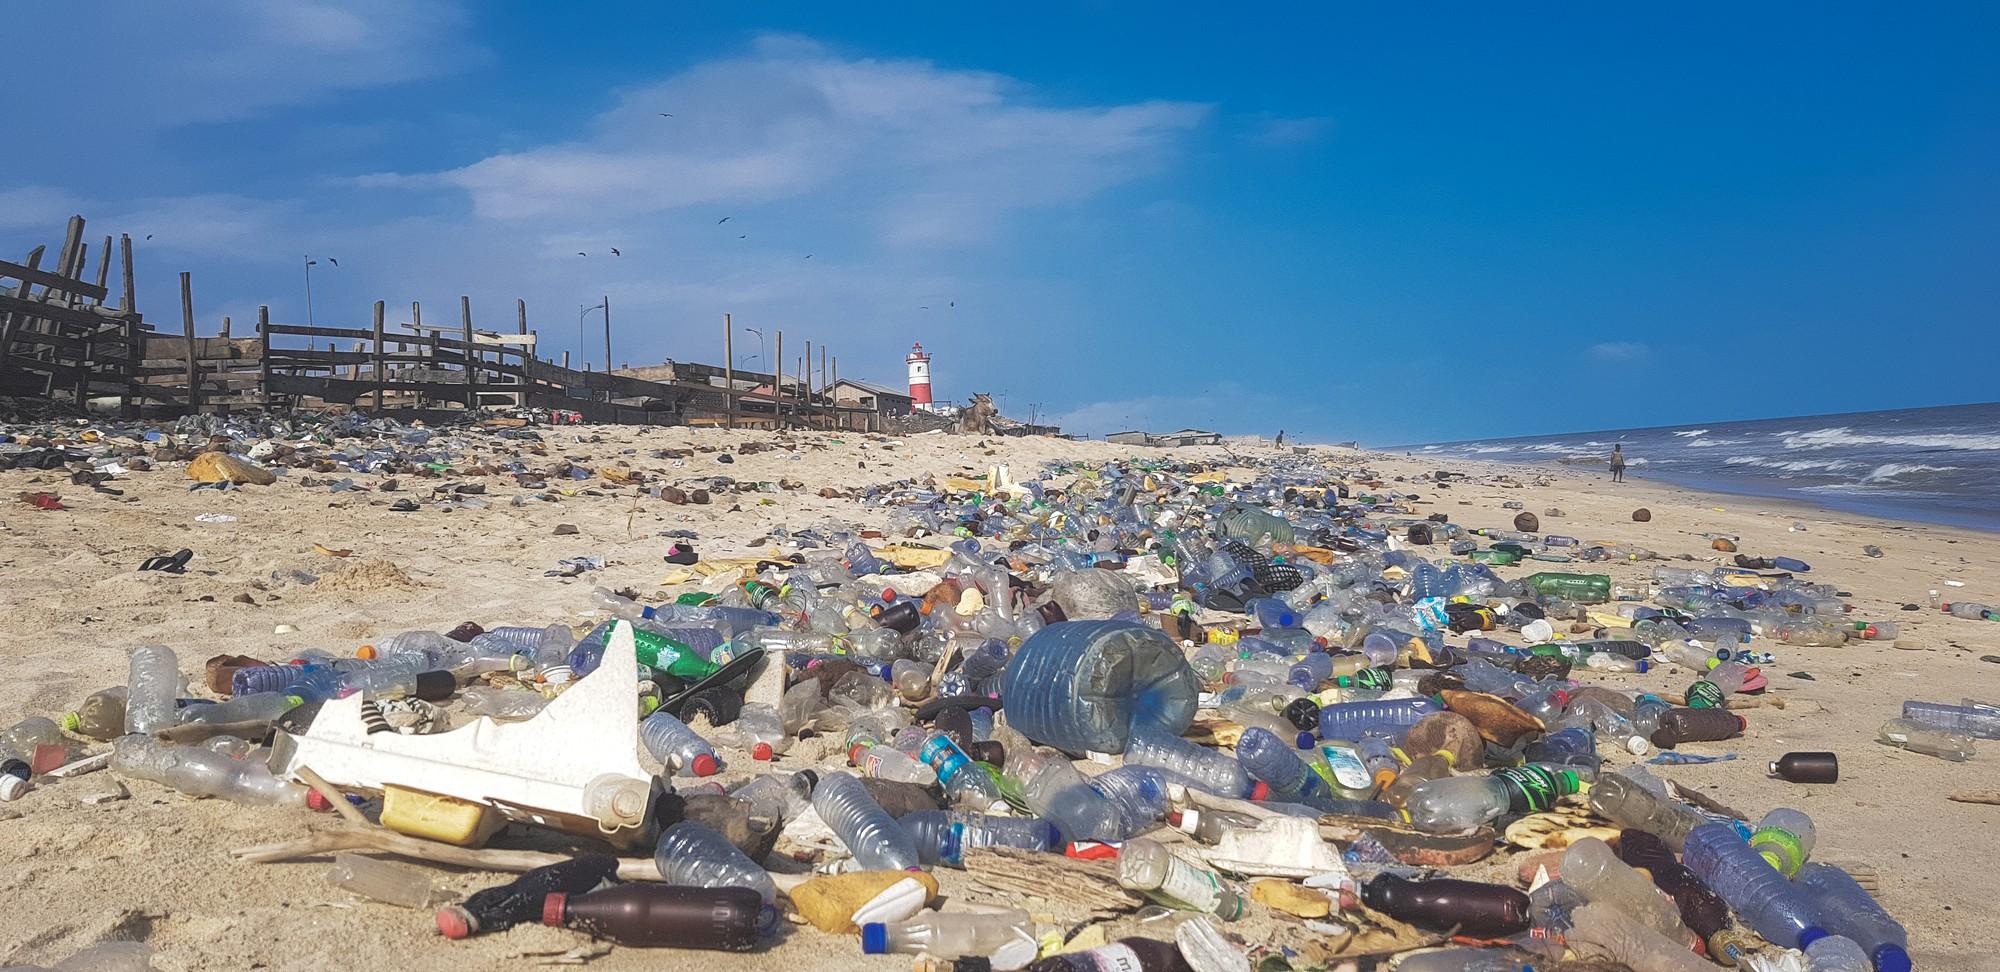 Rác thải nhựa: Thứ chúng ta chỉ dùng vài phút ngắn ngủi nhưng lại là bi kịch nghìn năm của mọi sinh vật biển - Ảnh 5.